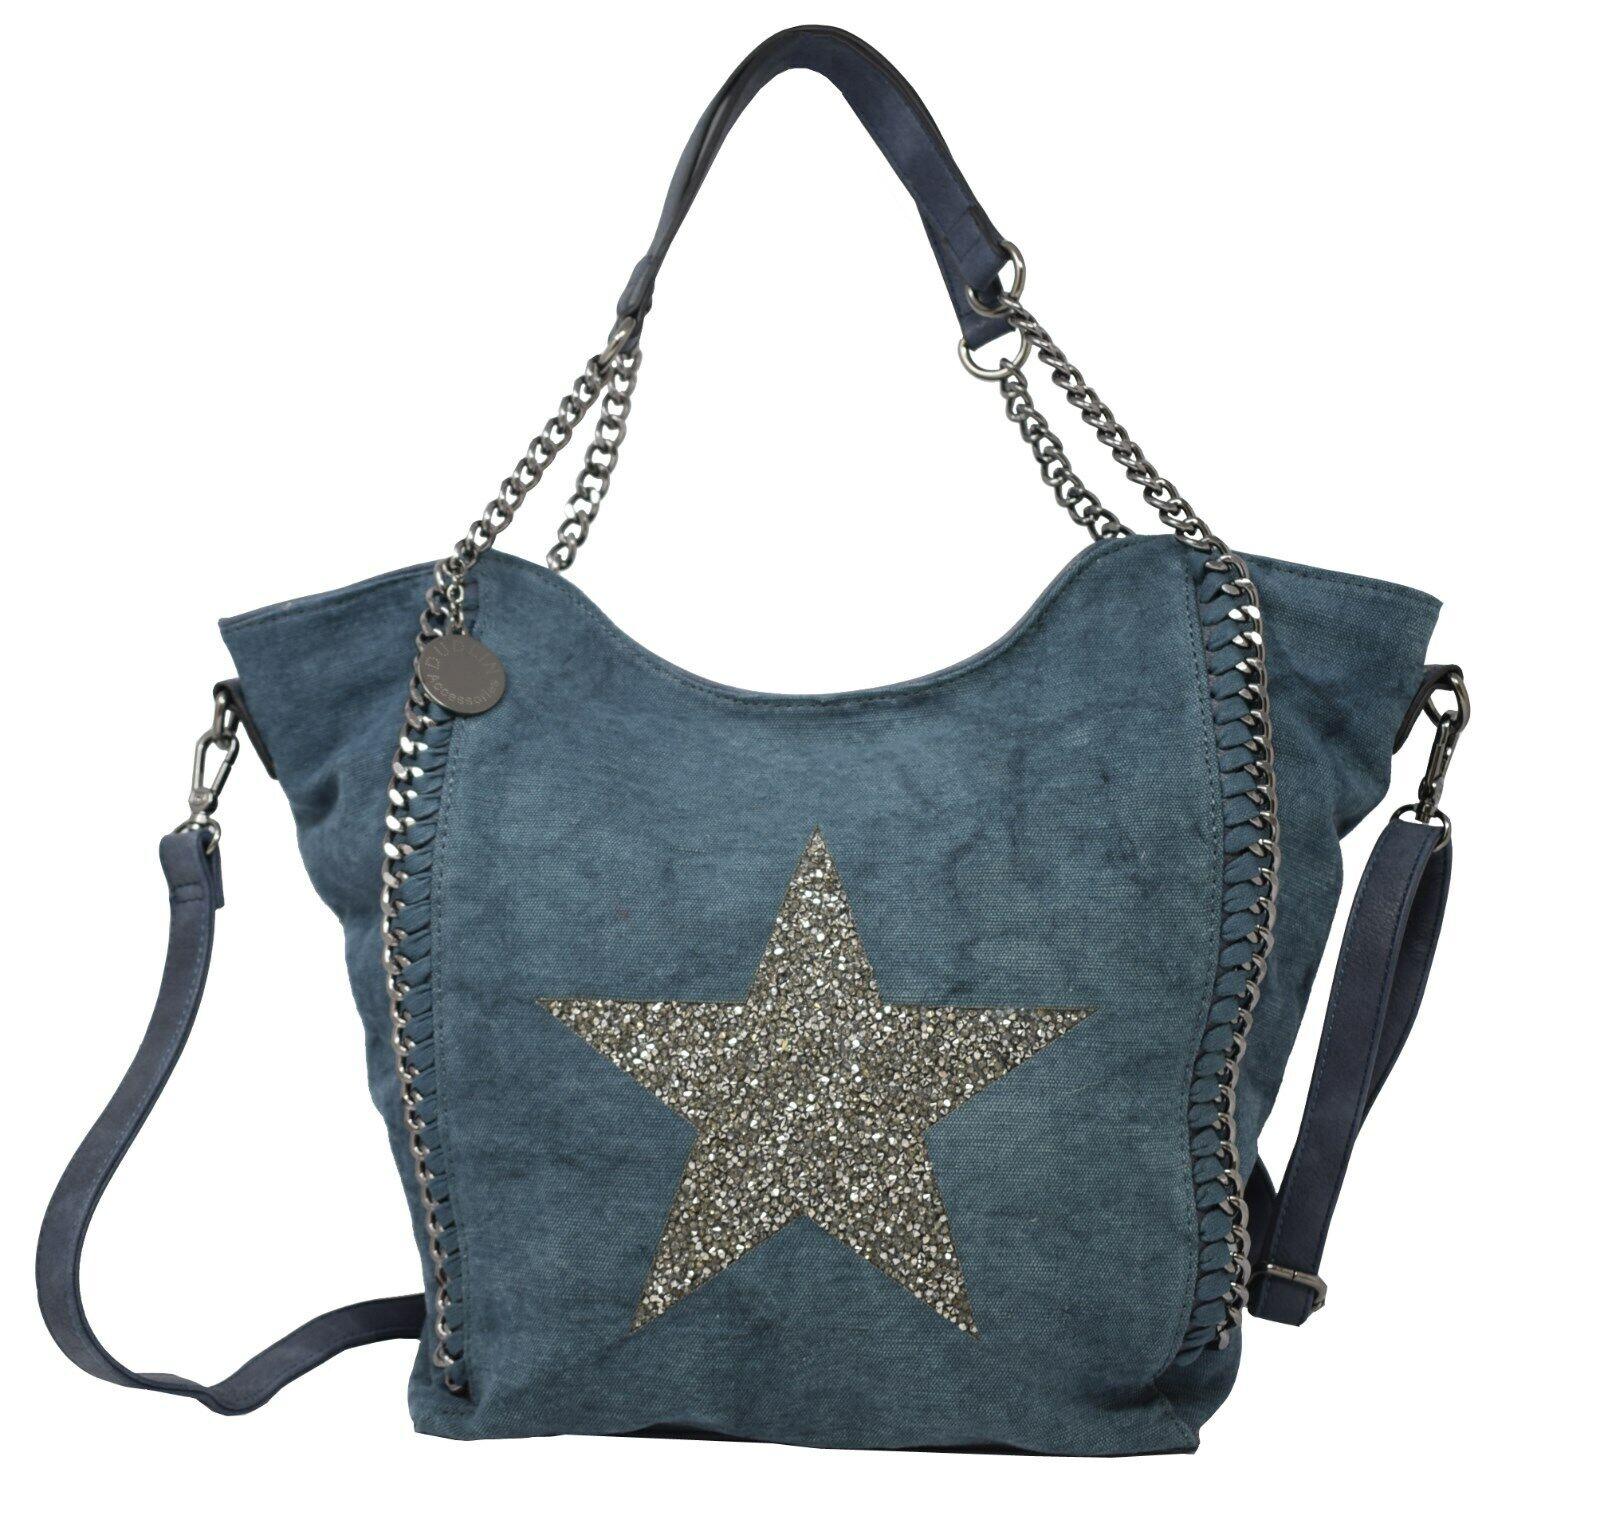 Damen Handtasche Tasche Umhängetasche Stern Kette Glitzer Canvas Trend JL1203130